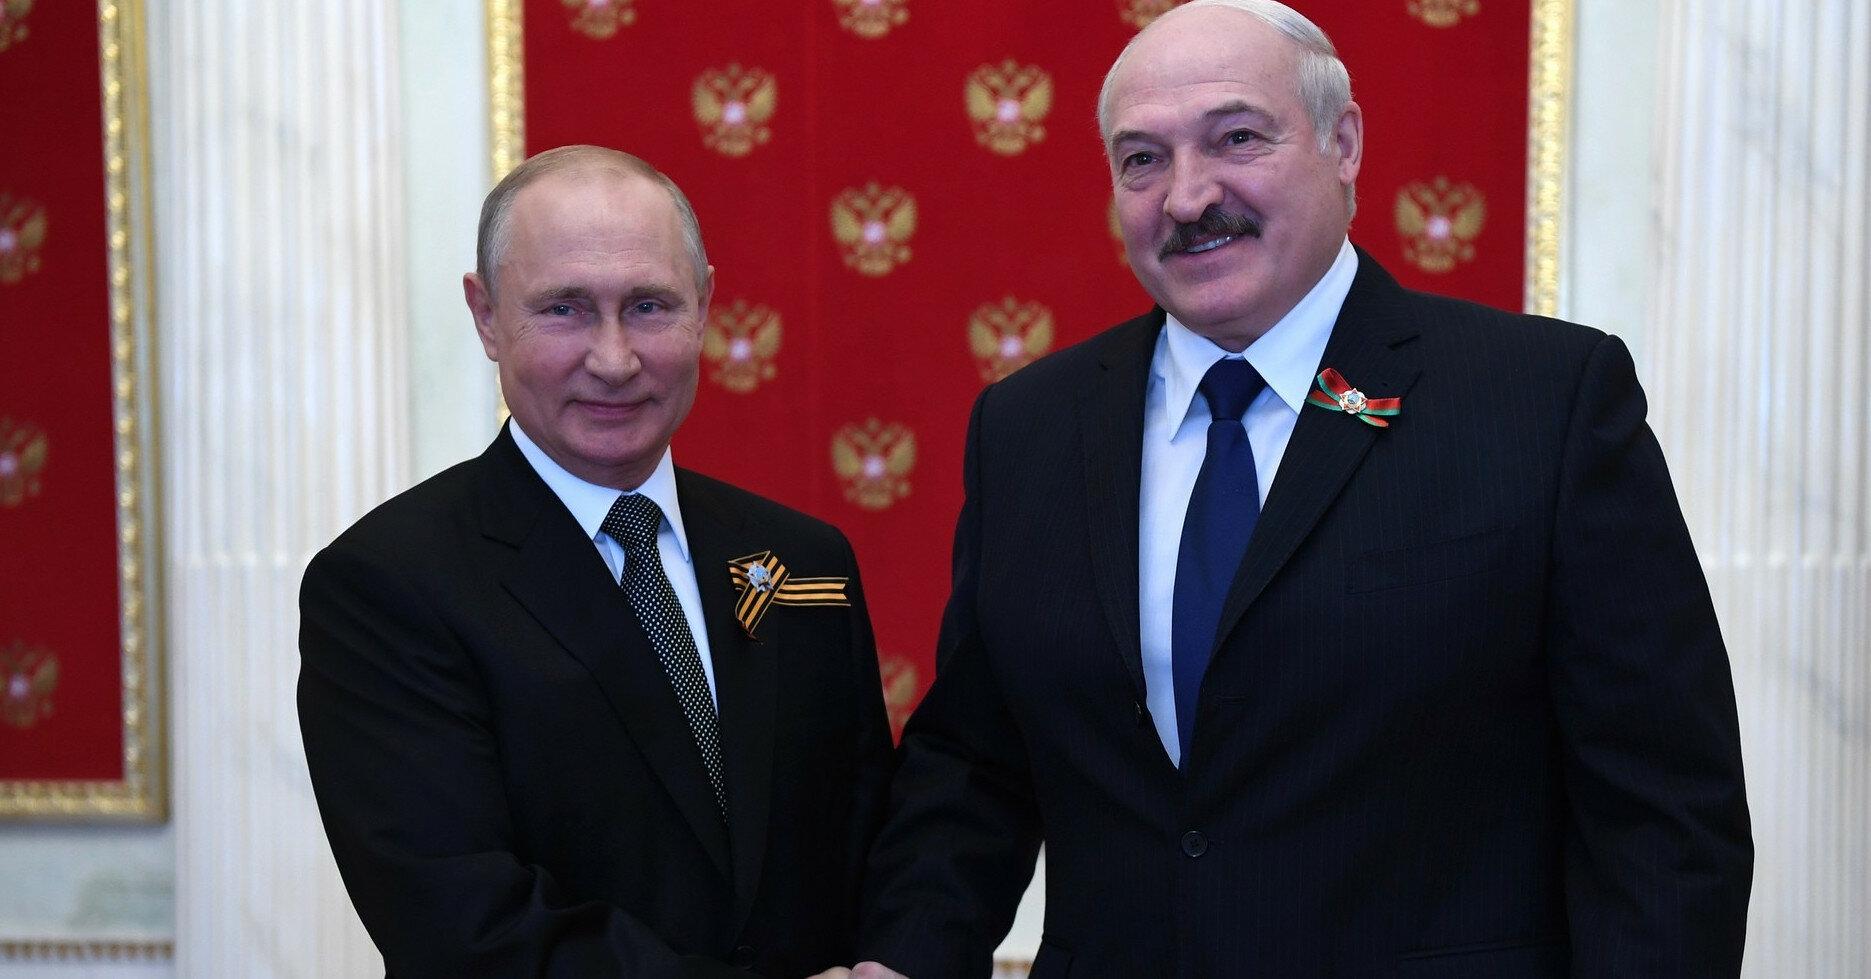 Встреча Путина и Лукашенко: о чем говорили диктаторы